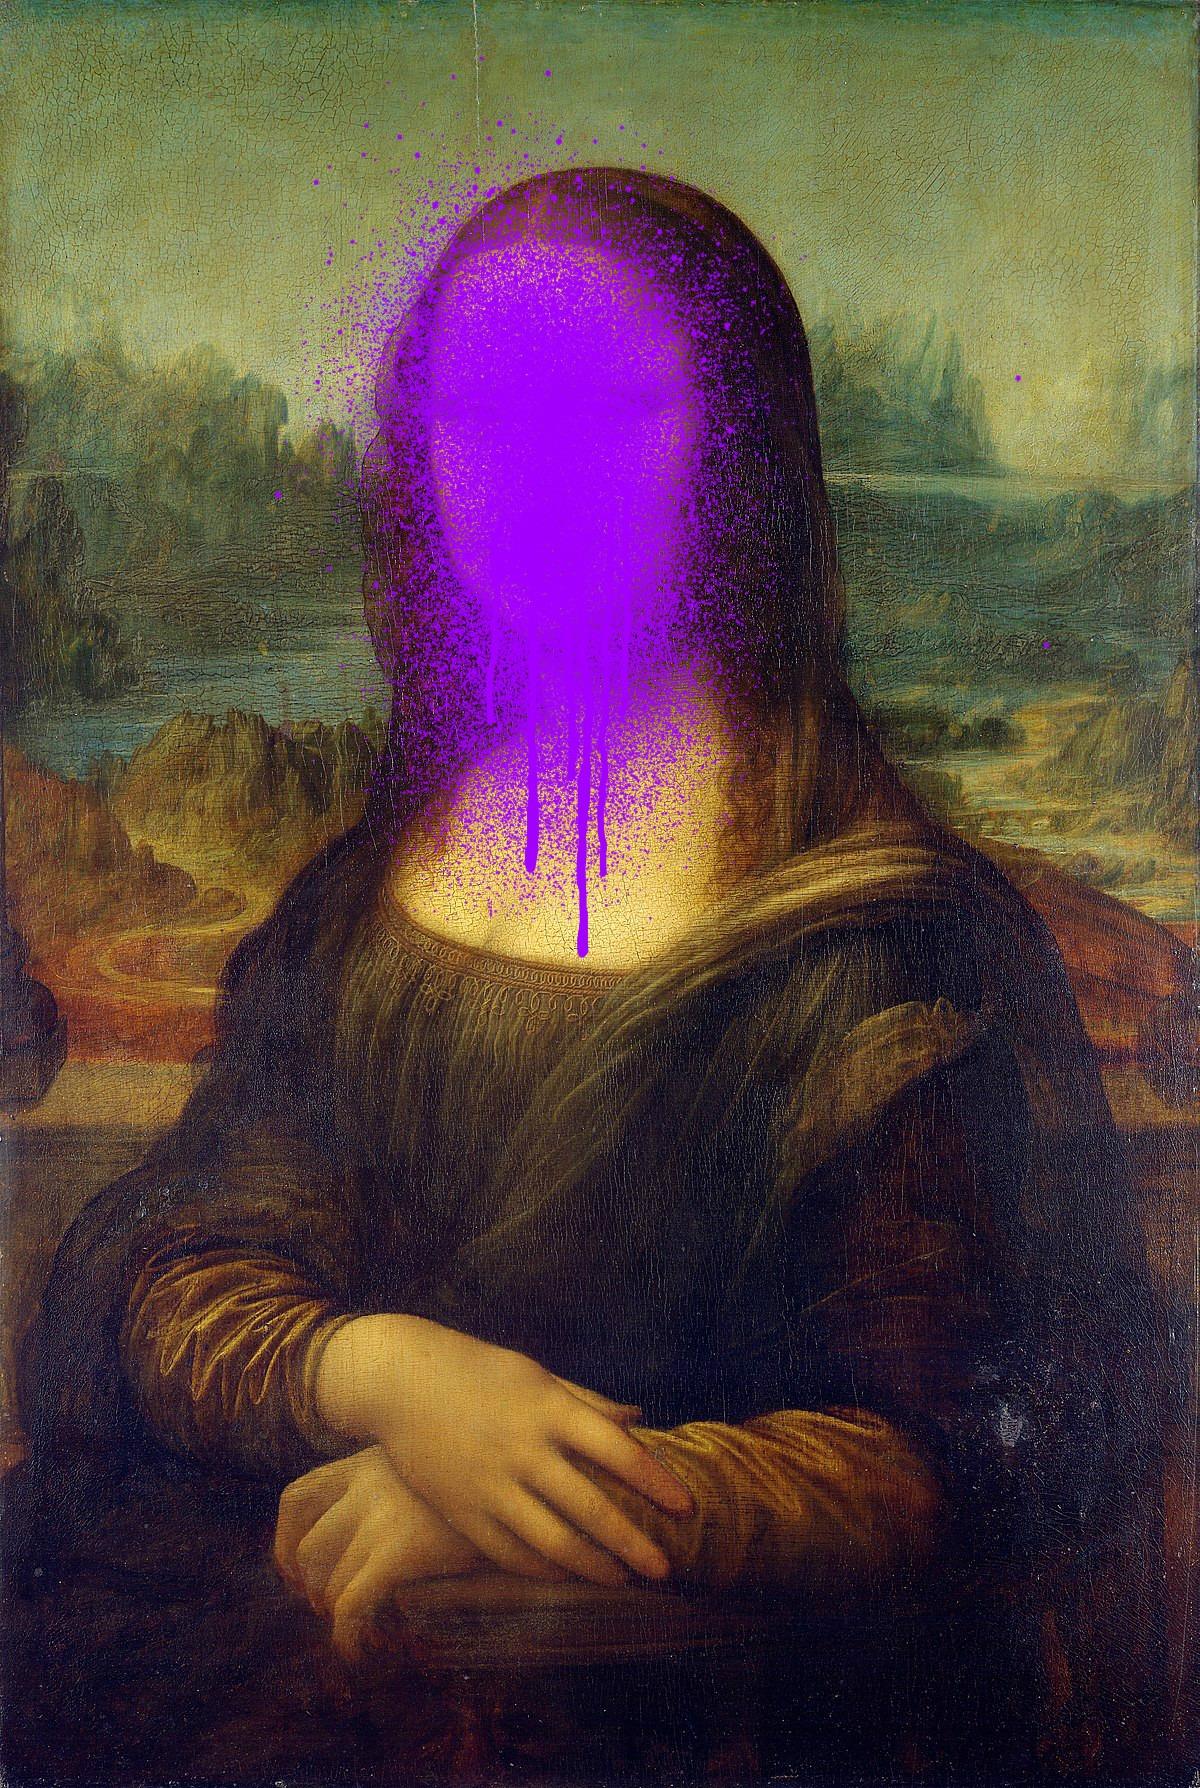 10 vandalismos de obras maestras que estremecieron al mundo del arte